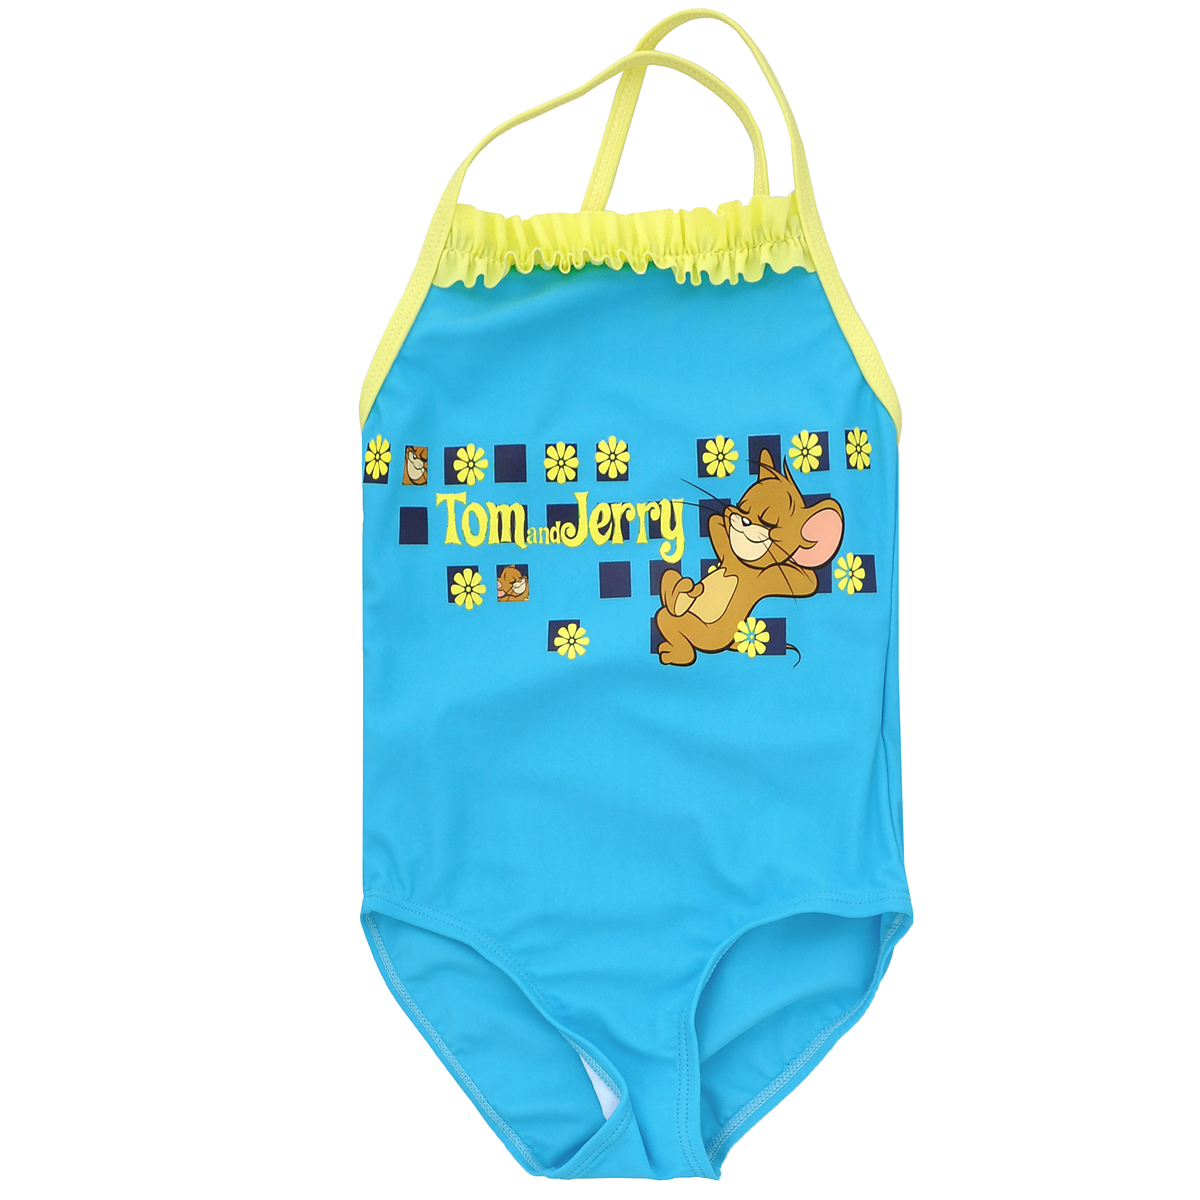 Купальный костюм для девочки Tom and Jerry, цвет: бирюзовый, лимонный. K009. Размер 110, 5 летK009Яркий купальный костюм для девочки Tom and Jerry- отличный вариант для летнего отдыха на пляже или в бассейне. Он изготовлен из нейлона и спандекса, благодаря чему позволяет коже ребенка дышать, быстро сохнет и сохраняет первоначальный вид и форму даже при длительном использовании. Он комфортен в носке, даже когда ребенок мокрый.Слитный купальник на тонких бретельках контрастного цвета оформлен оригинальным принтом в виде забавного Джерри и надписи «Tom and Jerry». Бретельки на спинке перекрещиваются. На груди модель декорирована рюшей контрастного цвета.Такой купальник, несомненно, понравится даже самой маленькой моднице.